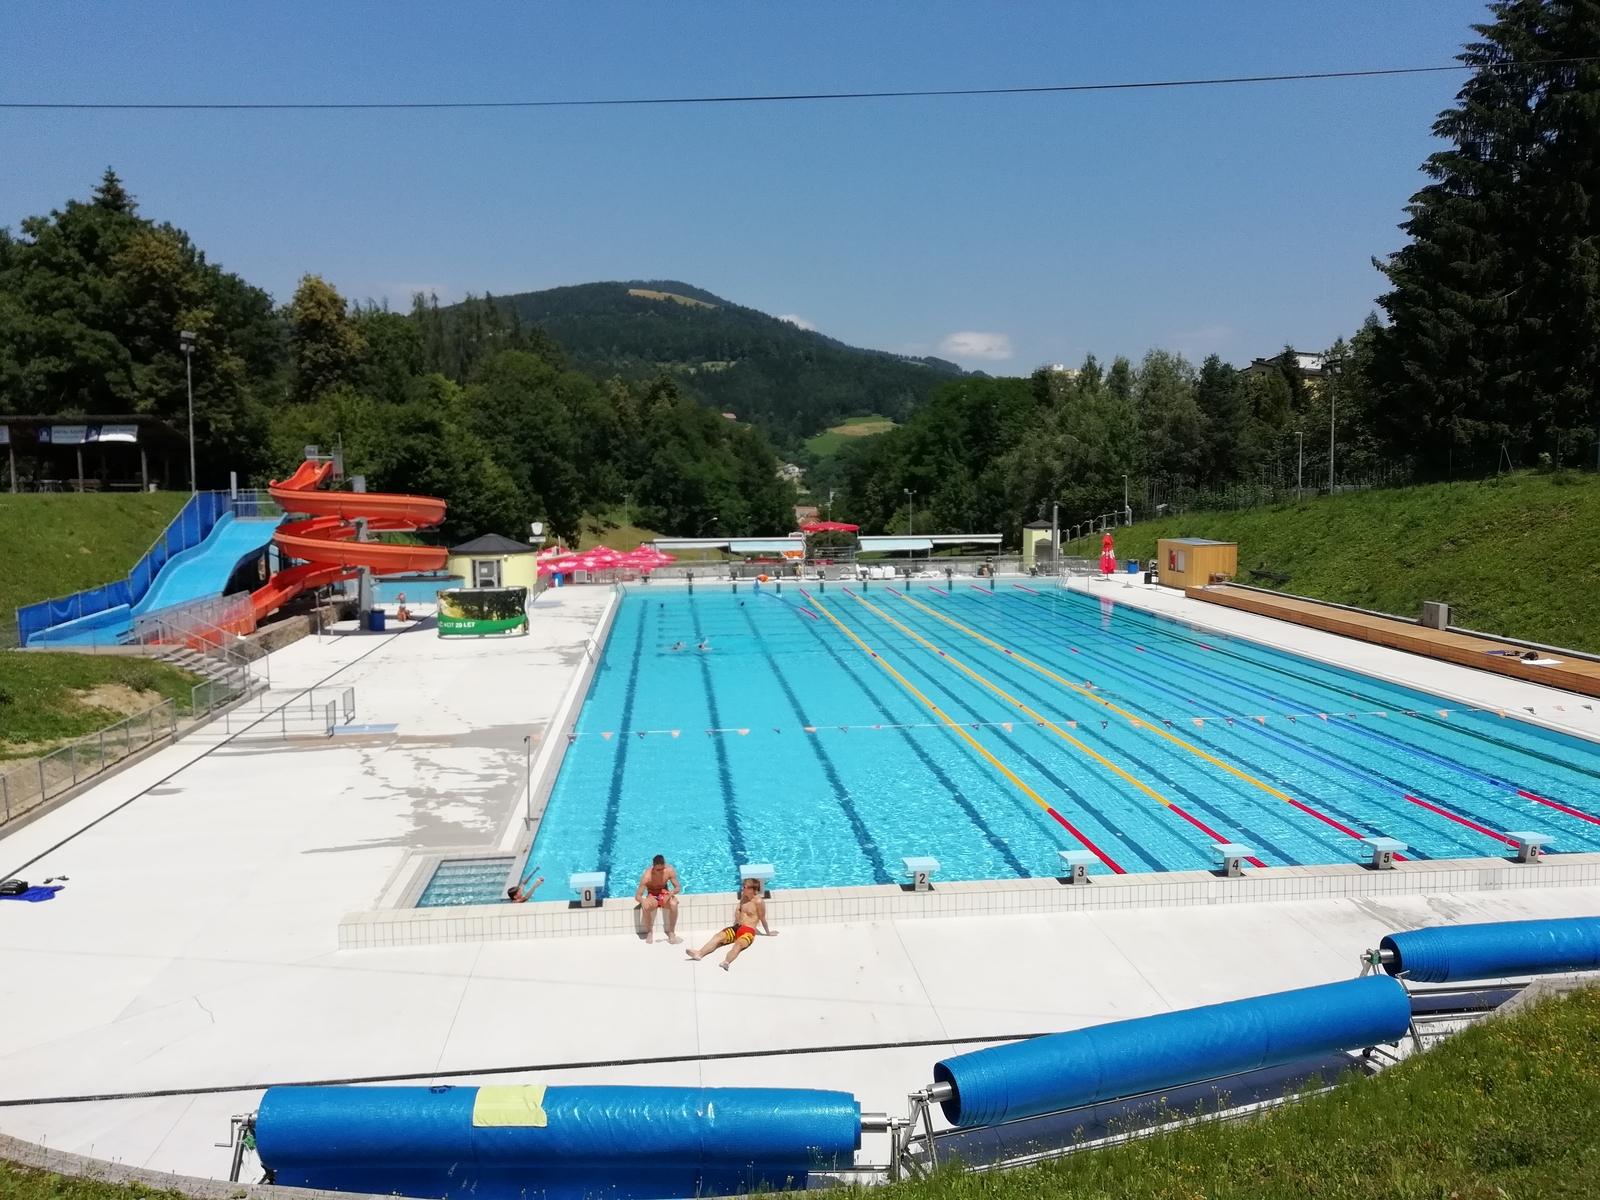 Спортске припреме 2020, прилог у сликама, слика базена бр. 3